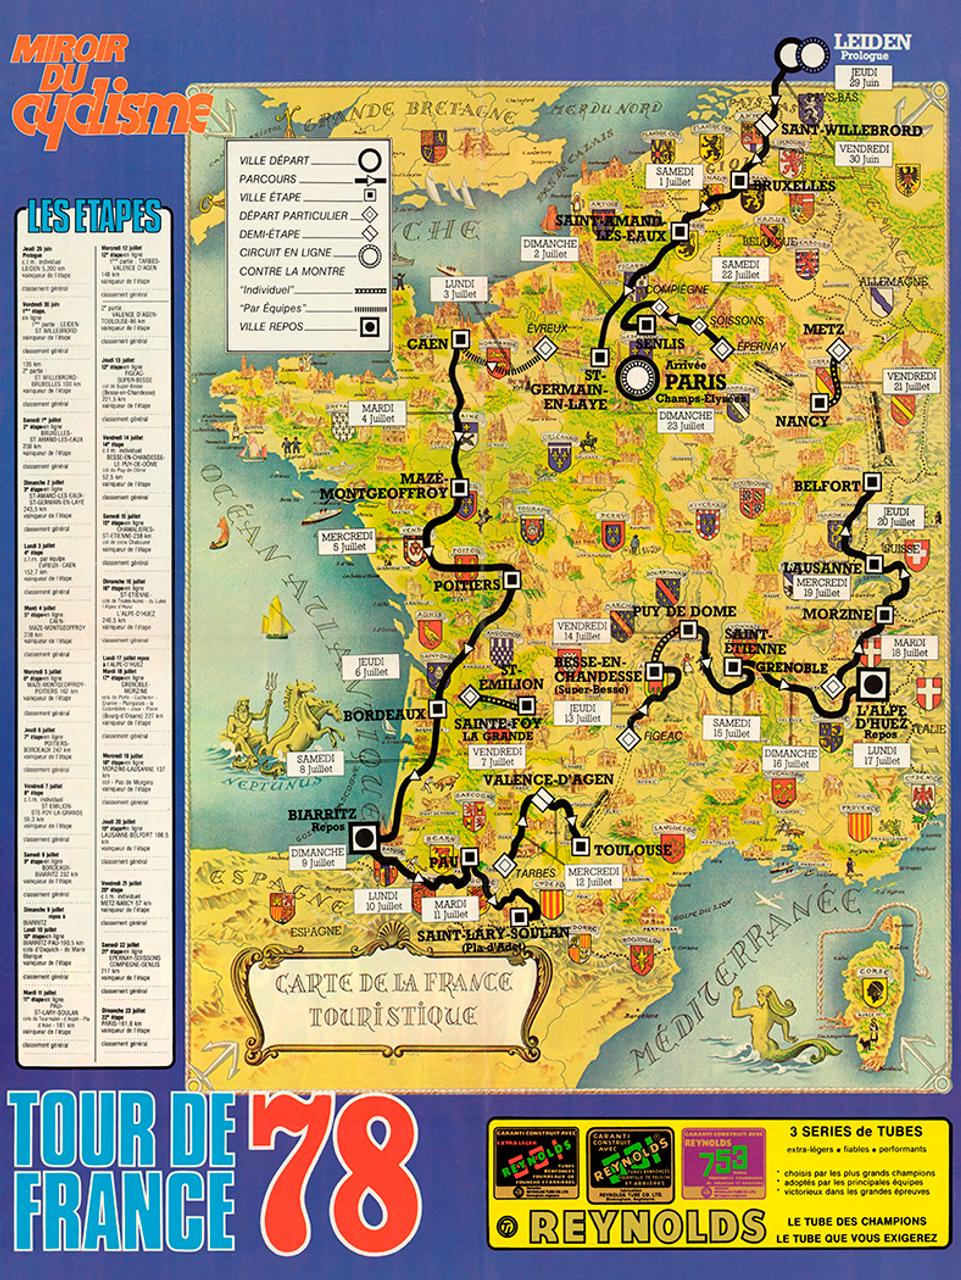 1978 Tour de France Map Poster